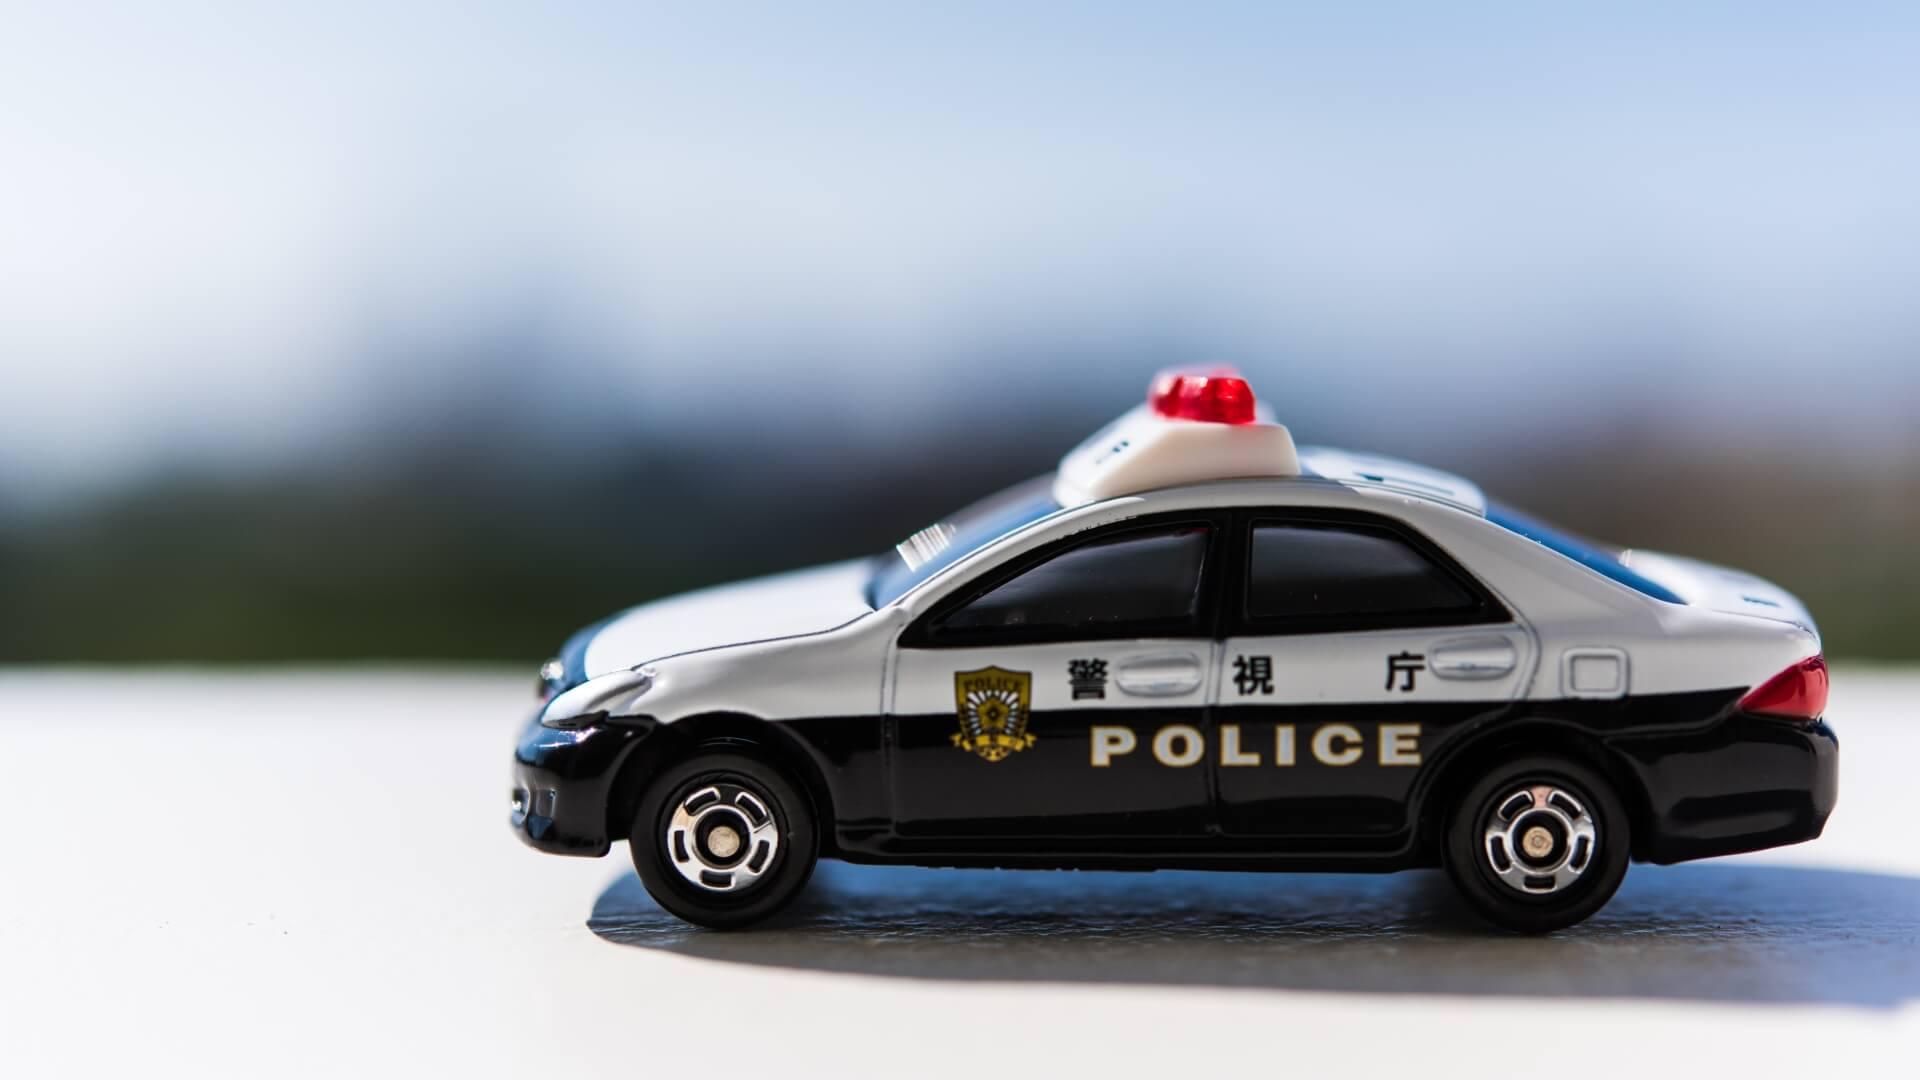 【2020】ドラマ未満警察ミッドナイトランナー何のエキストラ募集?期間は?ロケ地はどこ?主題歌・あらすじも!